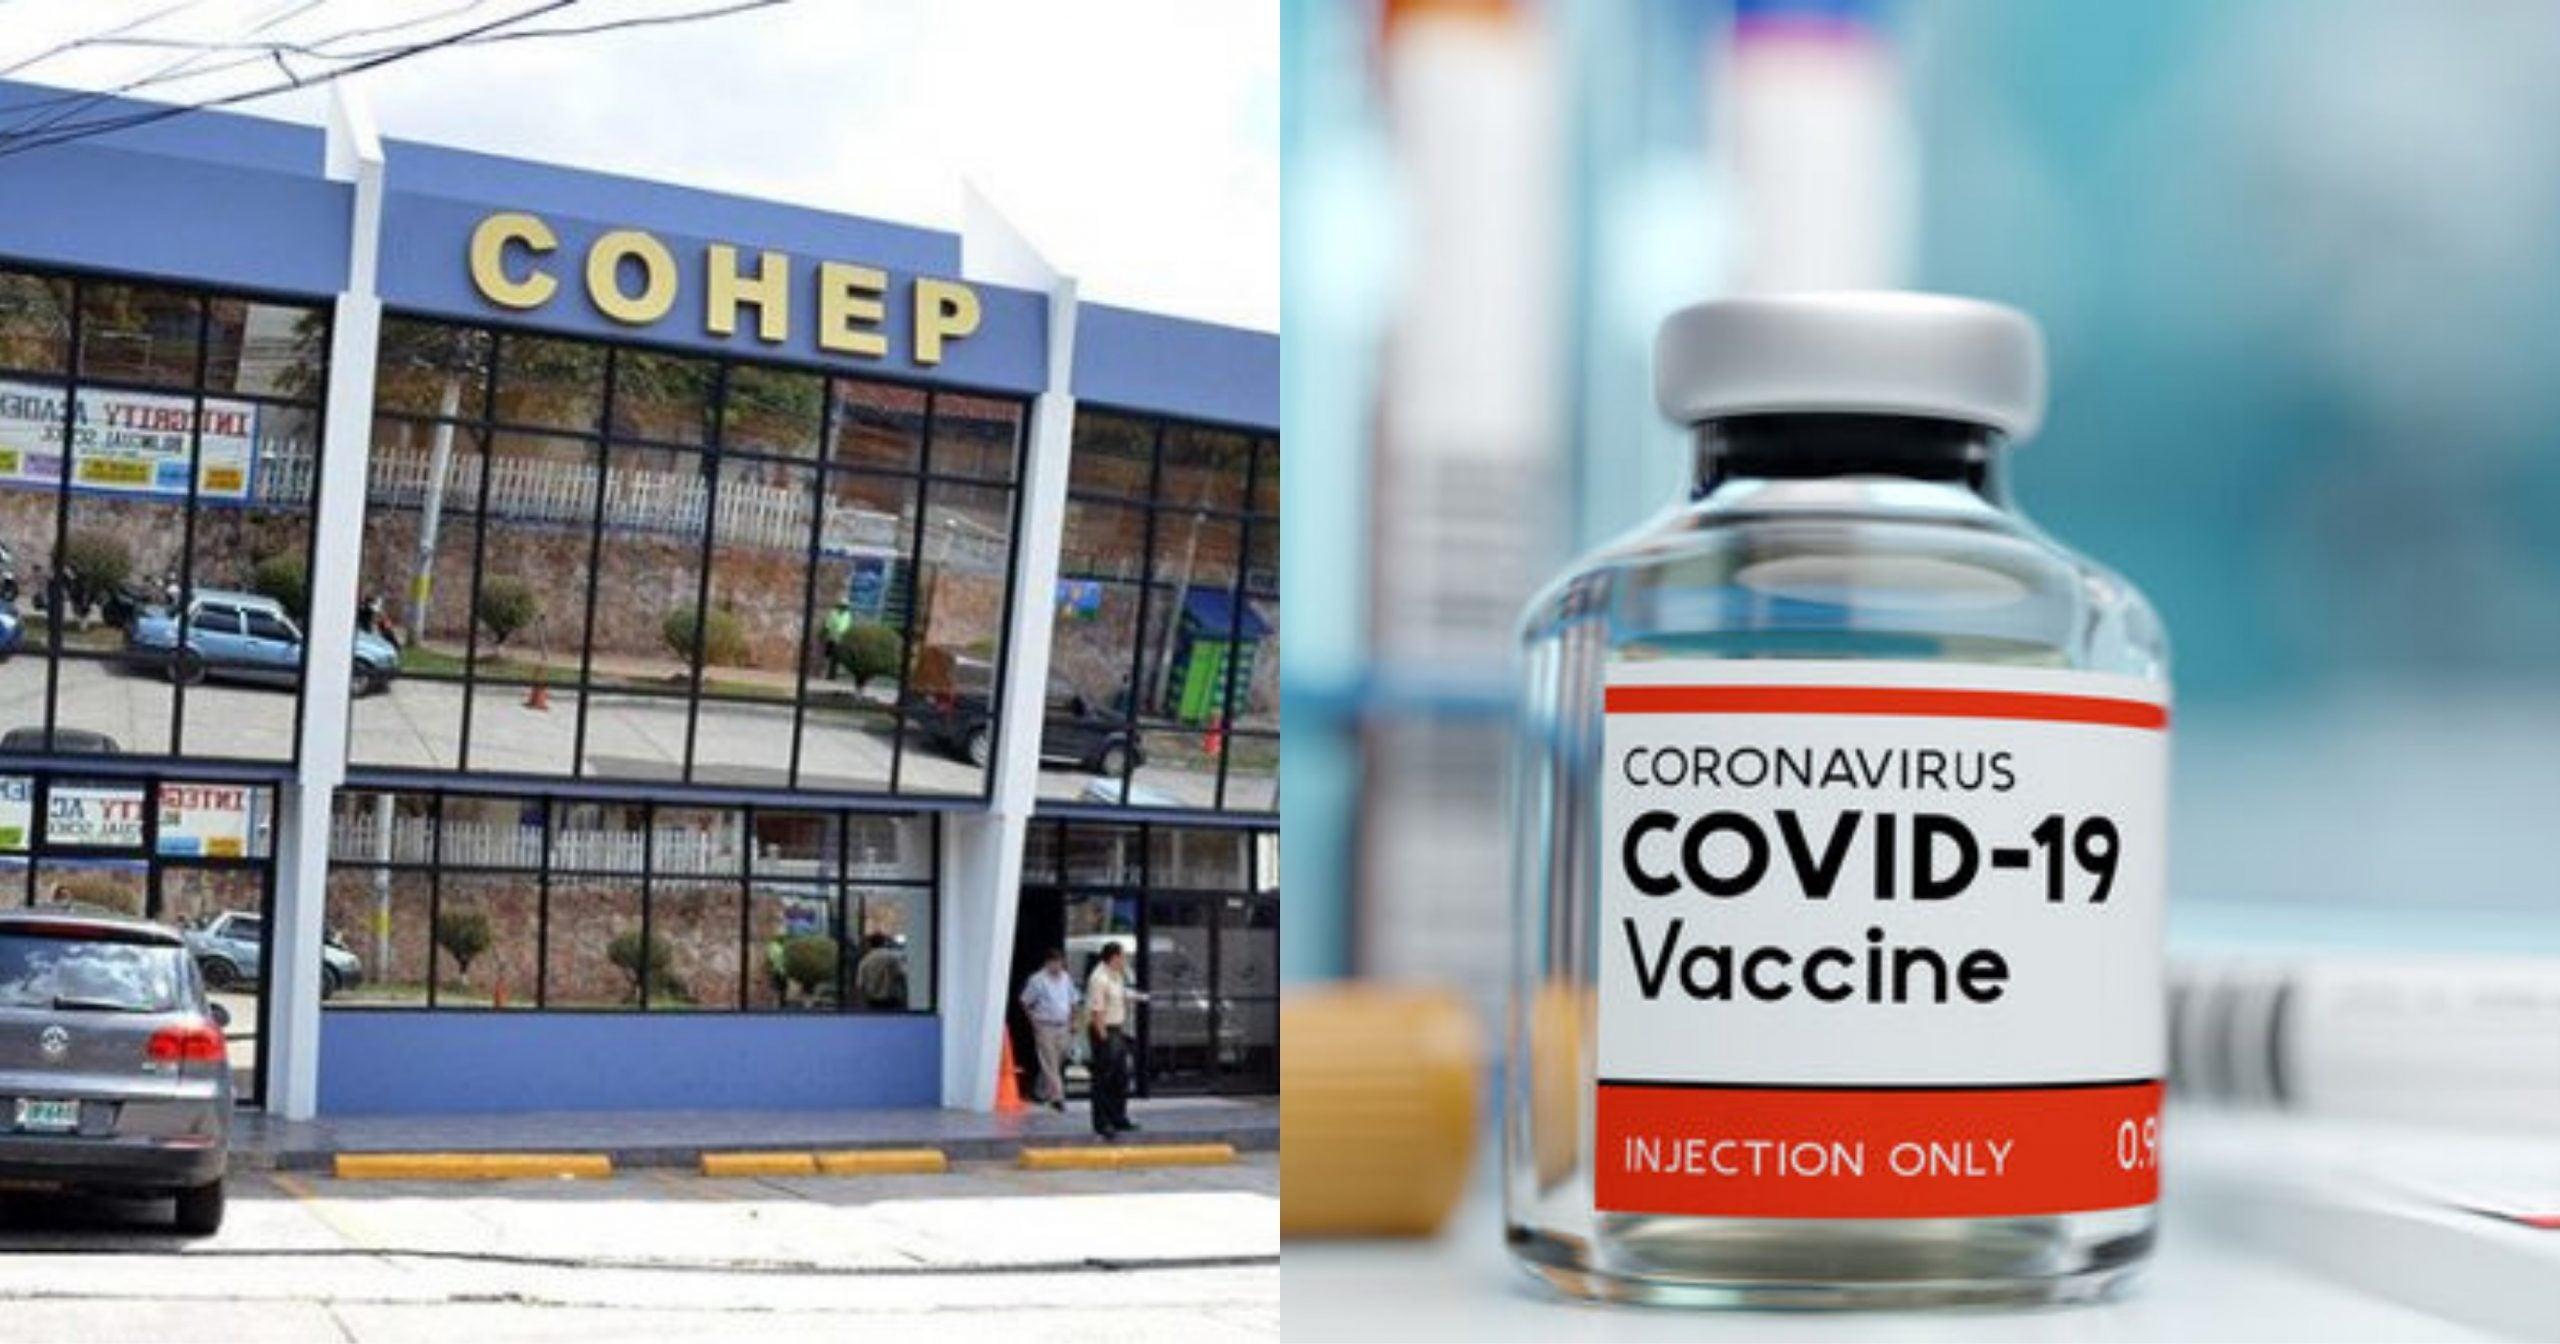 precio vacuna covid-19 cohep